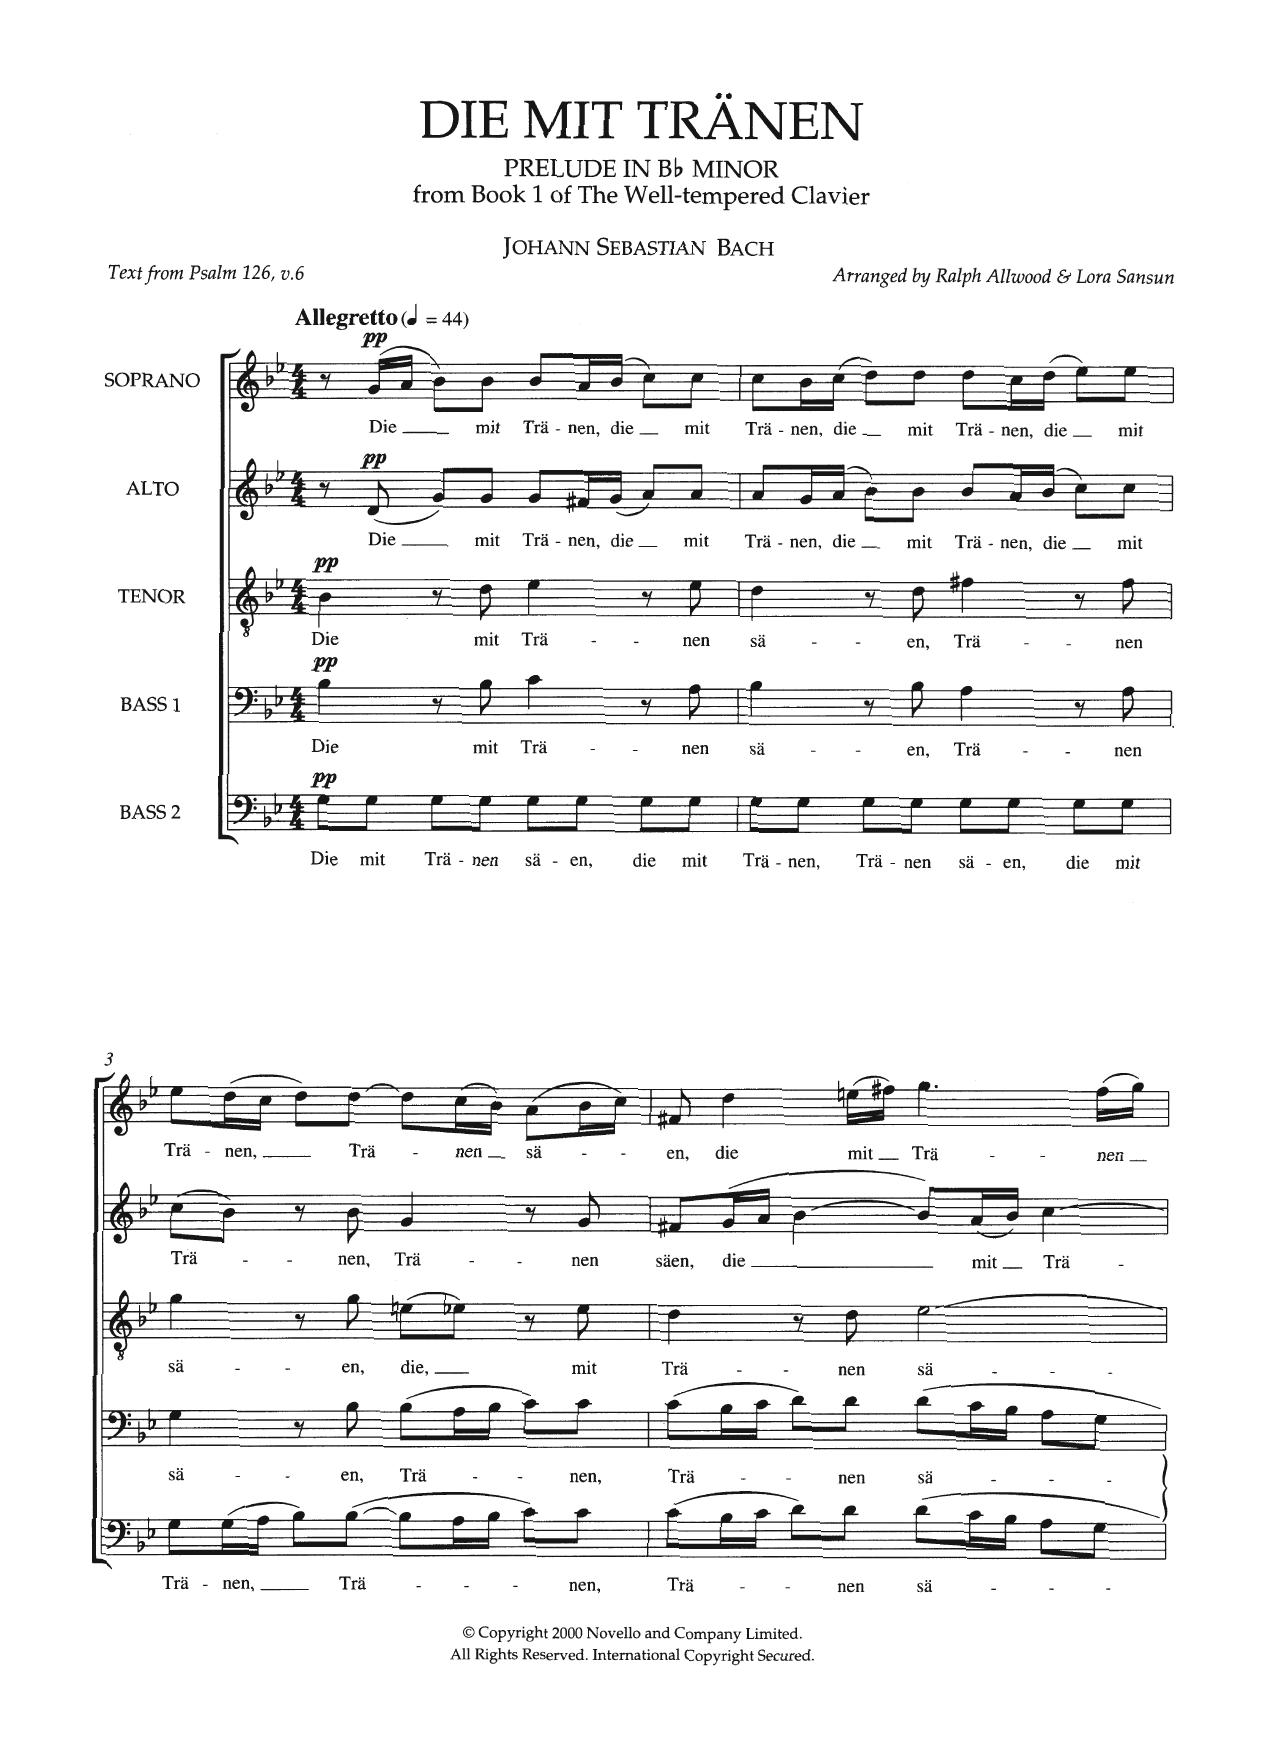 Die Mit Tranen (arr. Ralph Allwood & Lora Sansun) Sheet Music